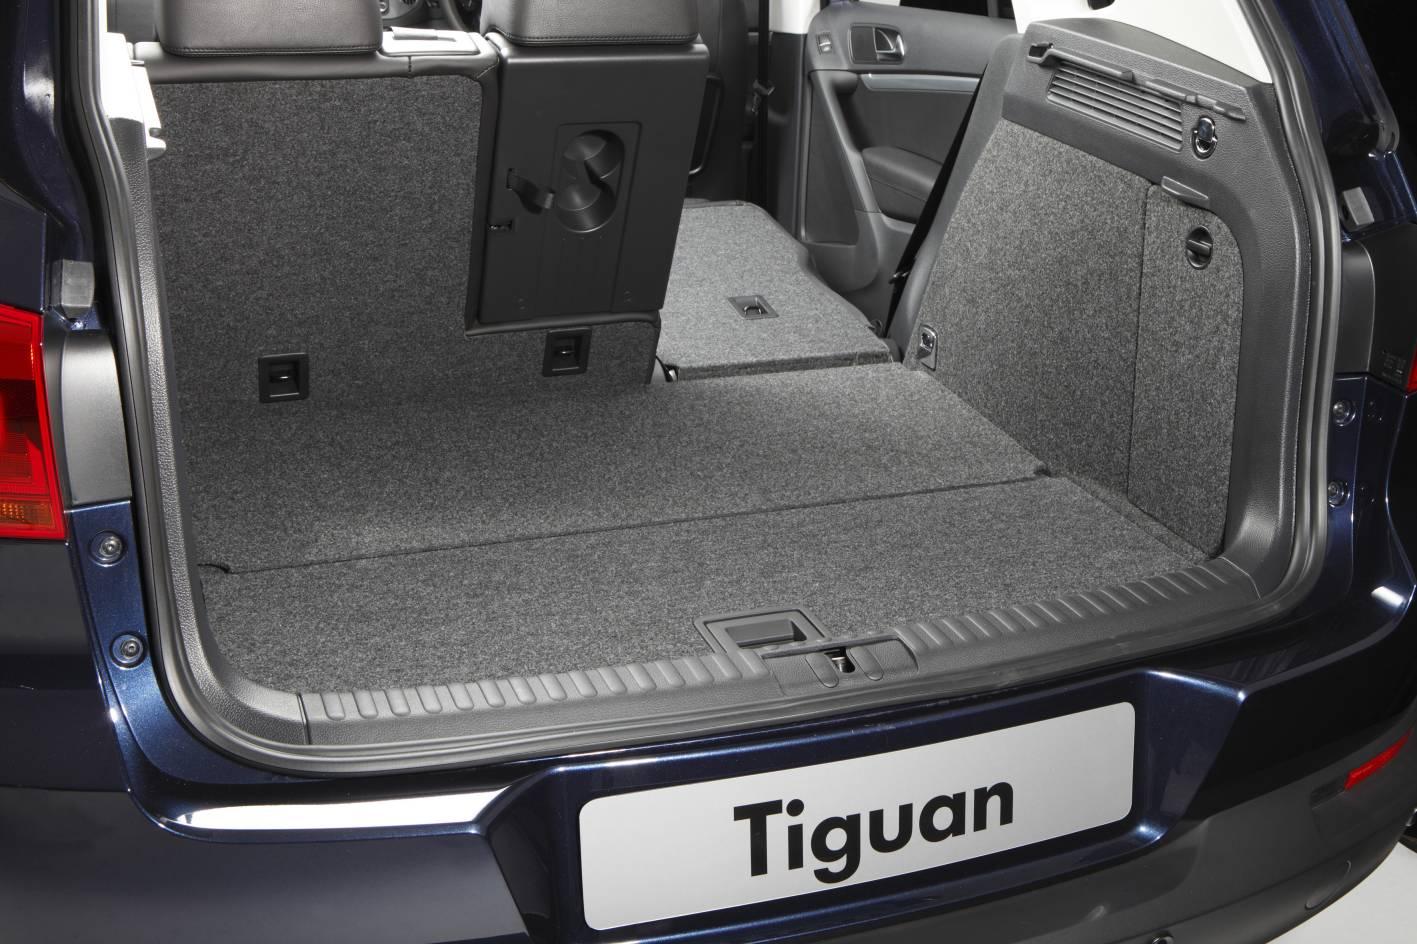 2012_volkswagen_tiguan_04_155tsi_05